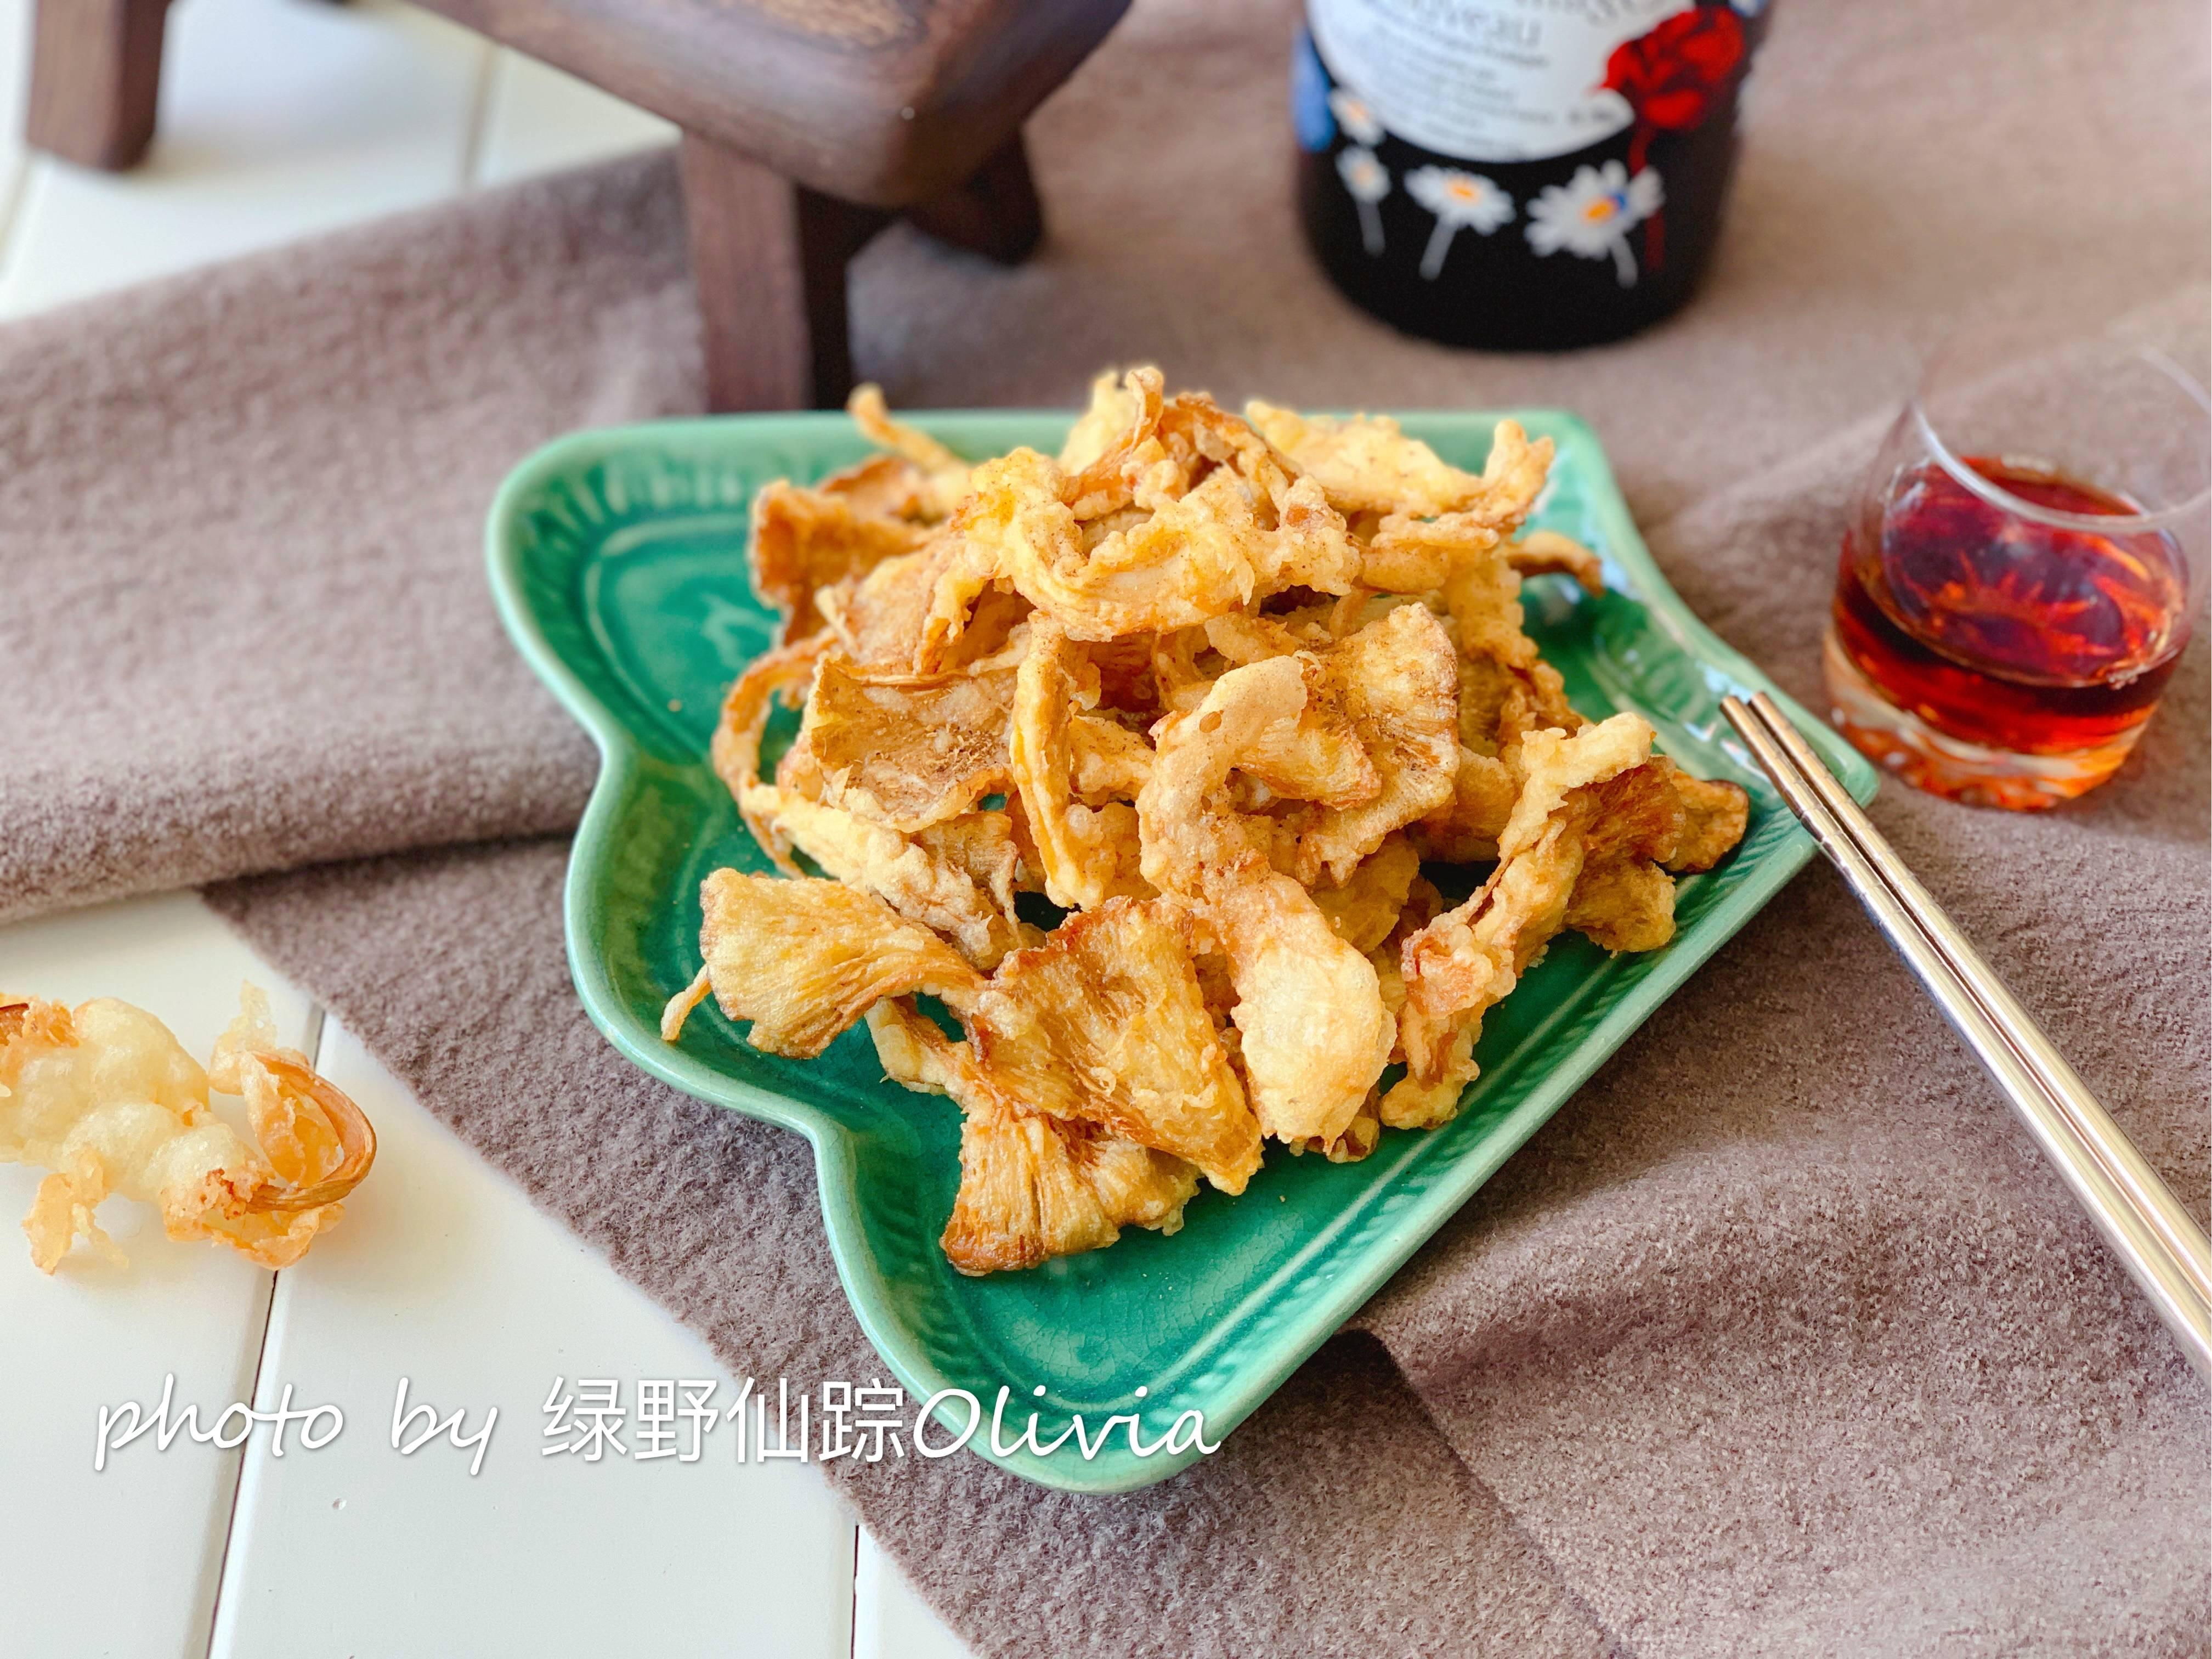 椒盐蘑菇——从栽培到烹饪 在家自制蘑菇